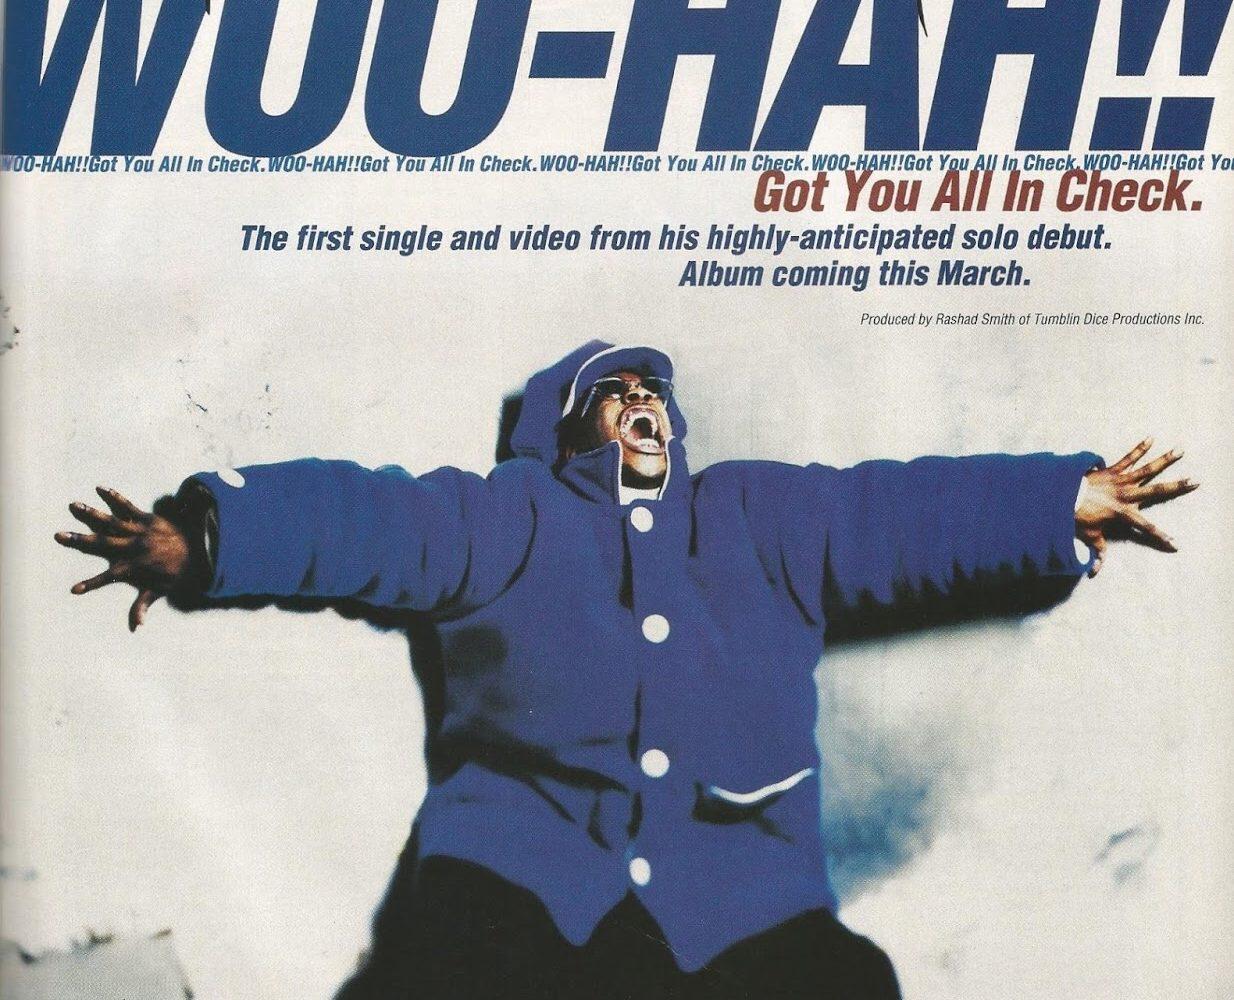 Throwback Thursday: Music Magazine Promo